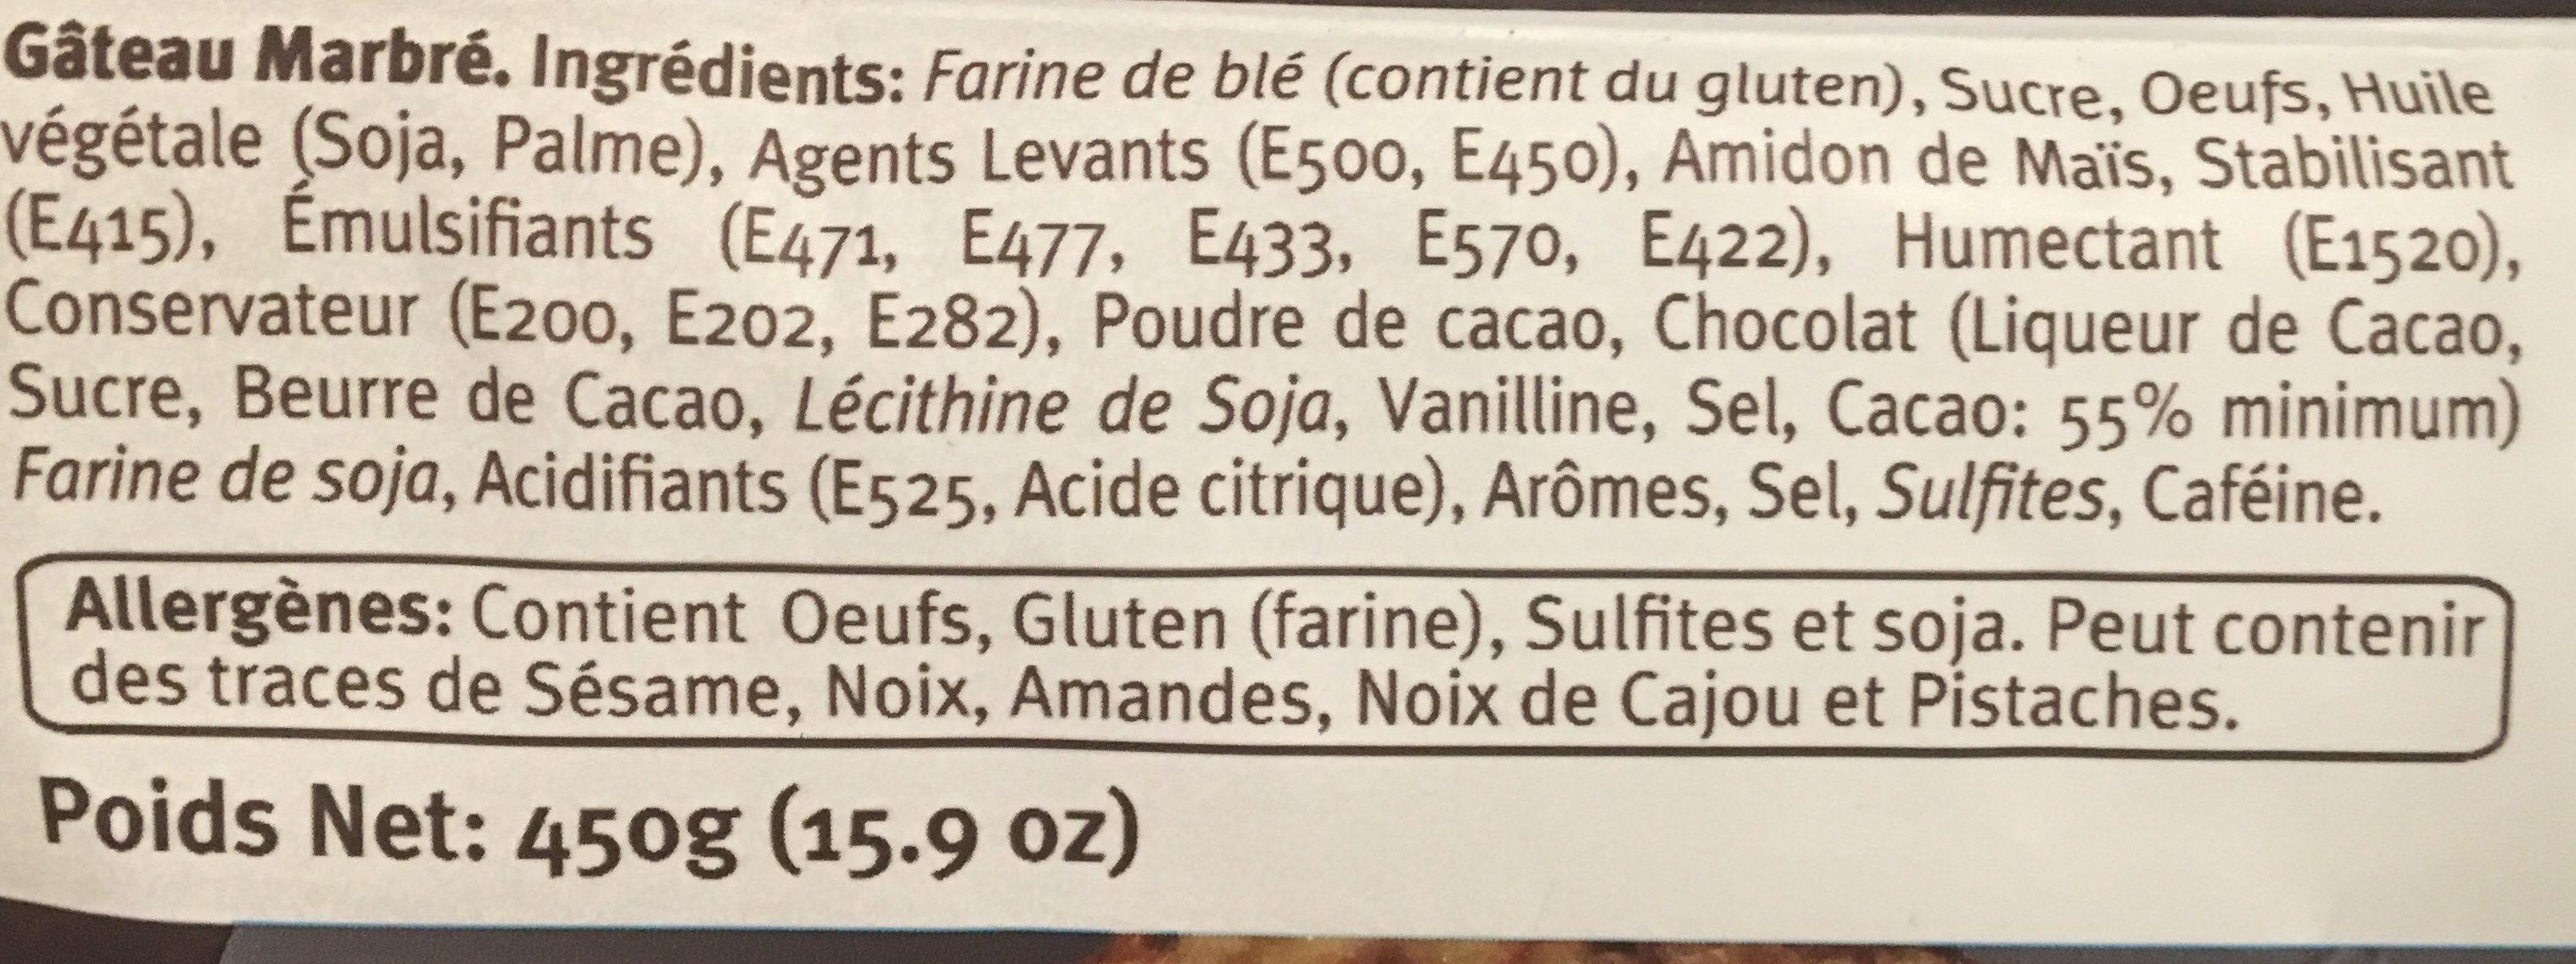 Gâteau marbré - Ingrédients - fr